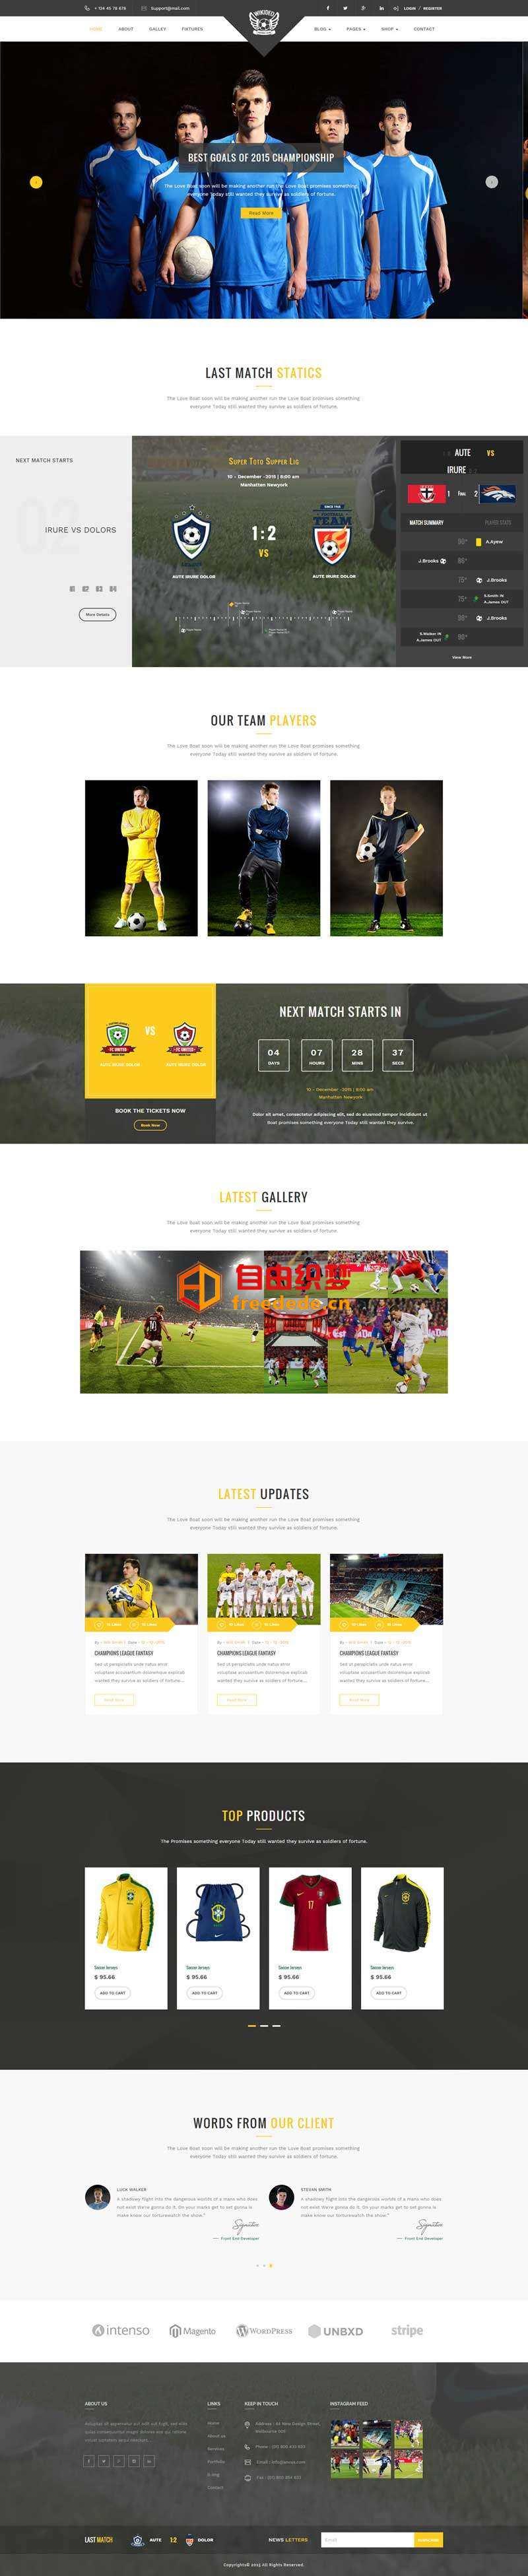 爱上源码网文章世界杯足球体育用品电商网站html模板的内容插图